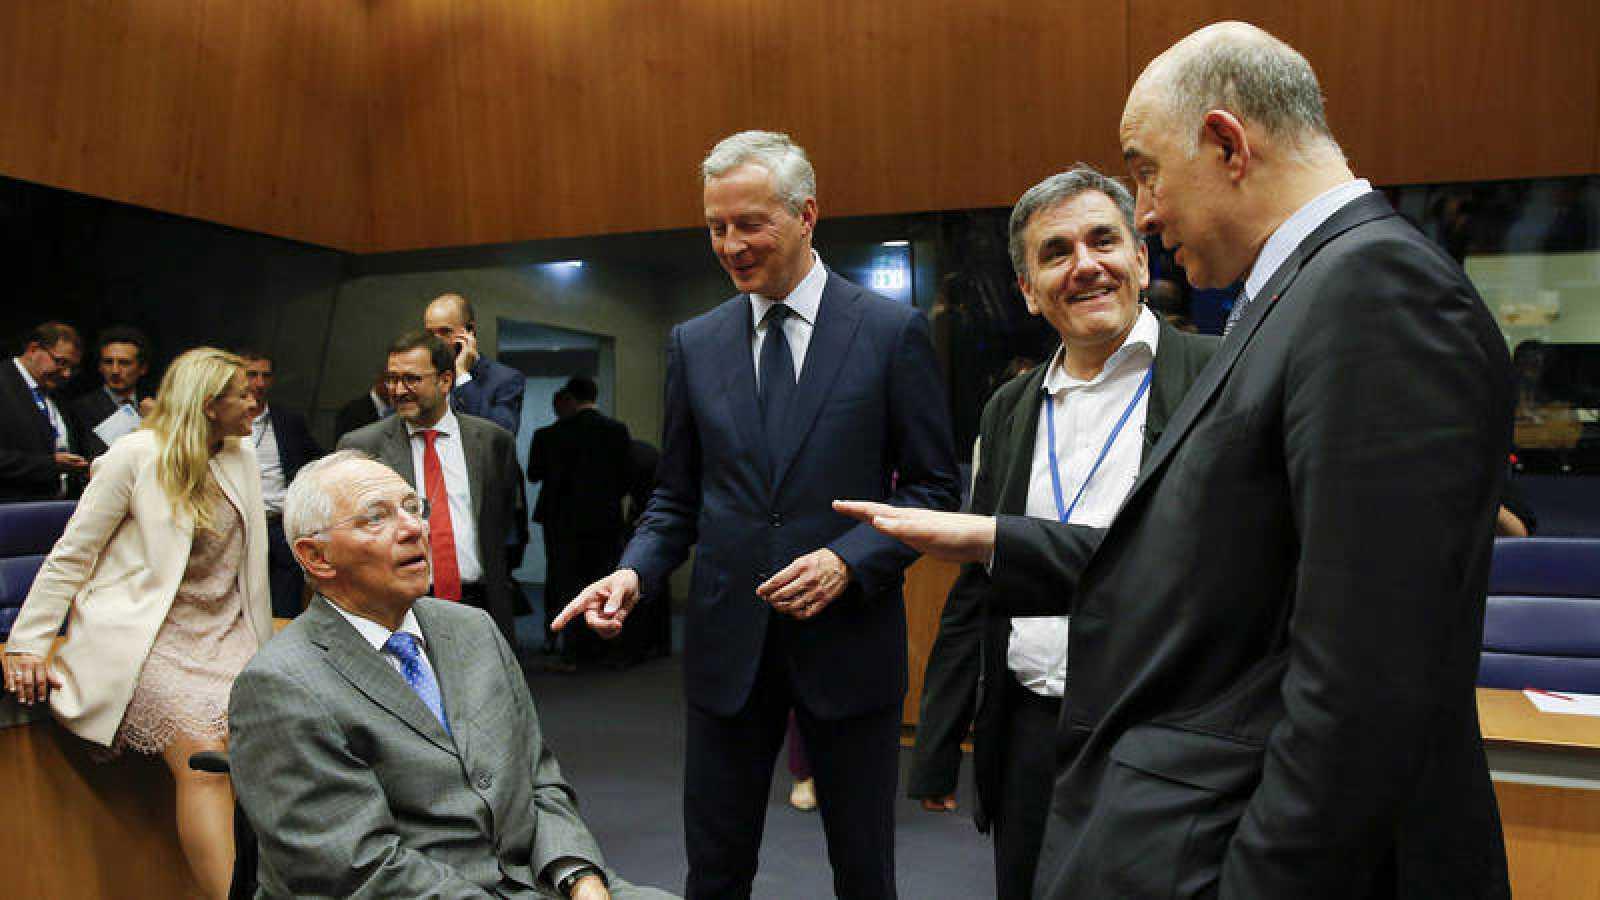 Los responsables de finanzas de Alemania y Francia junto al ministro griego Tsakalotos y el comisario Moscovici